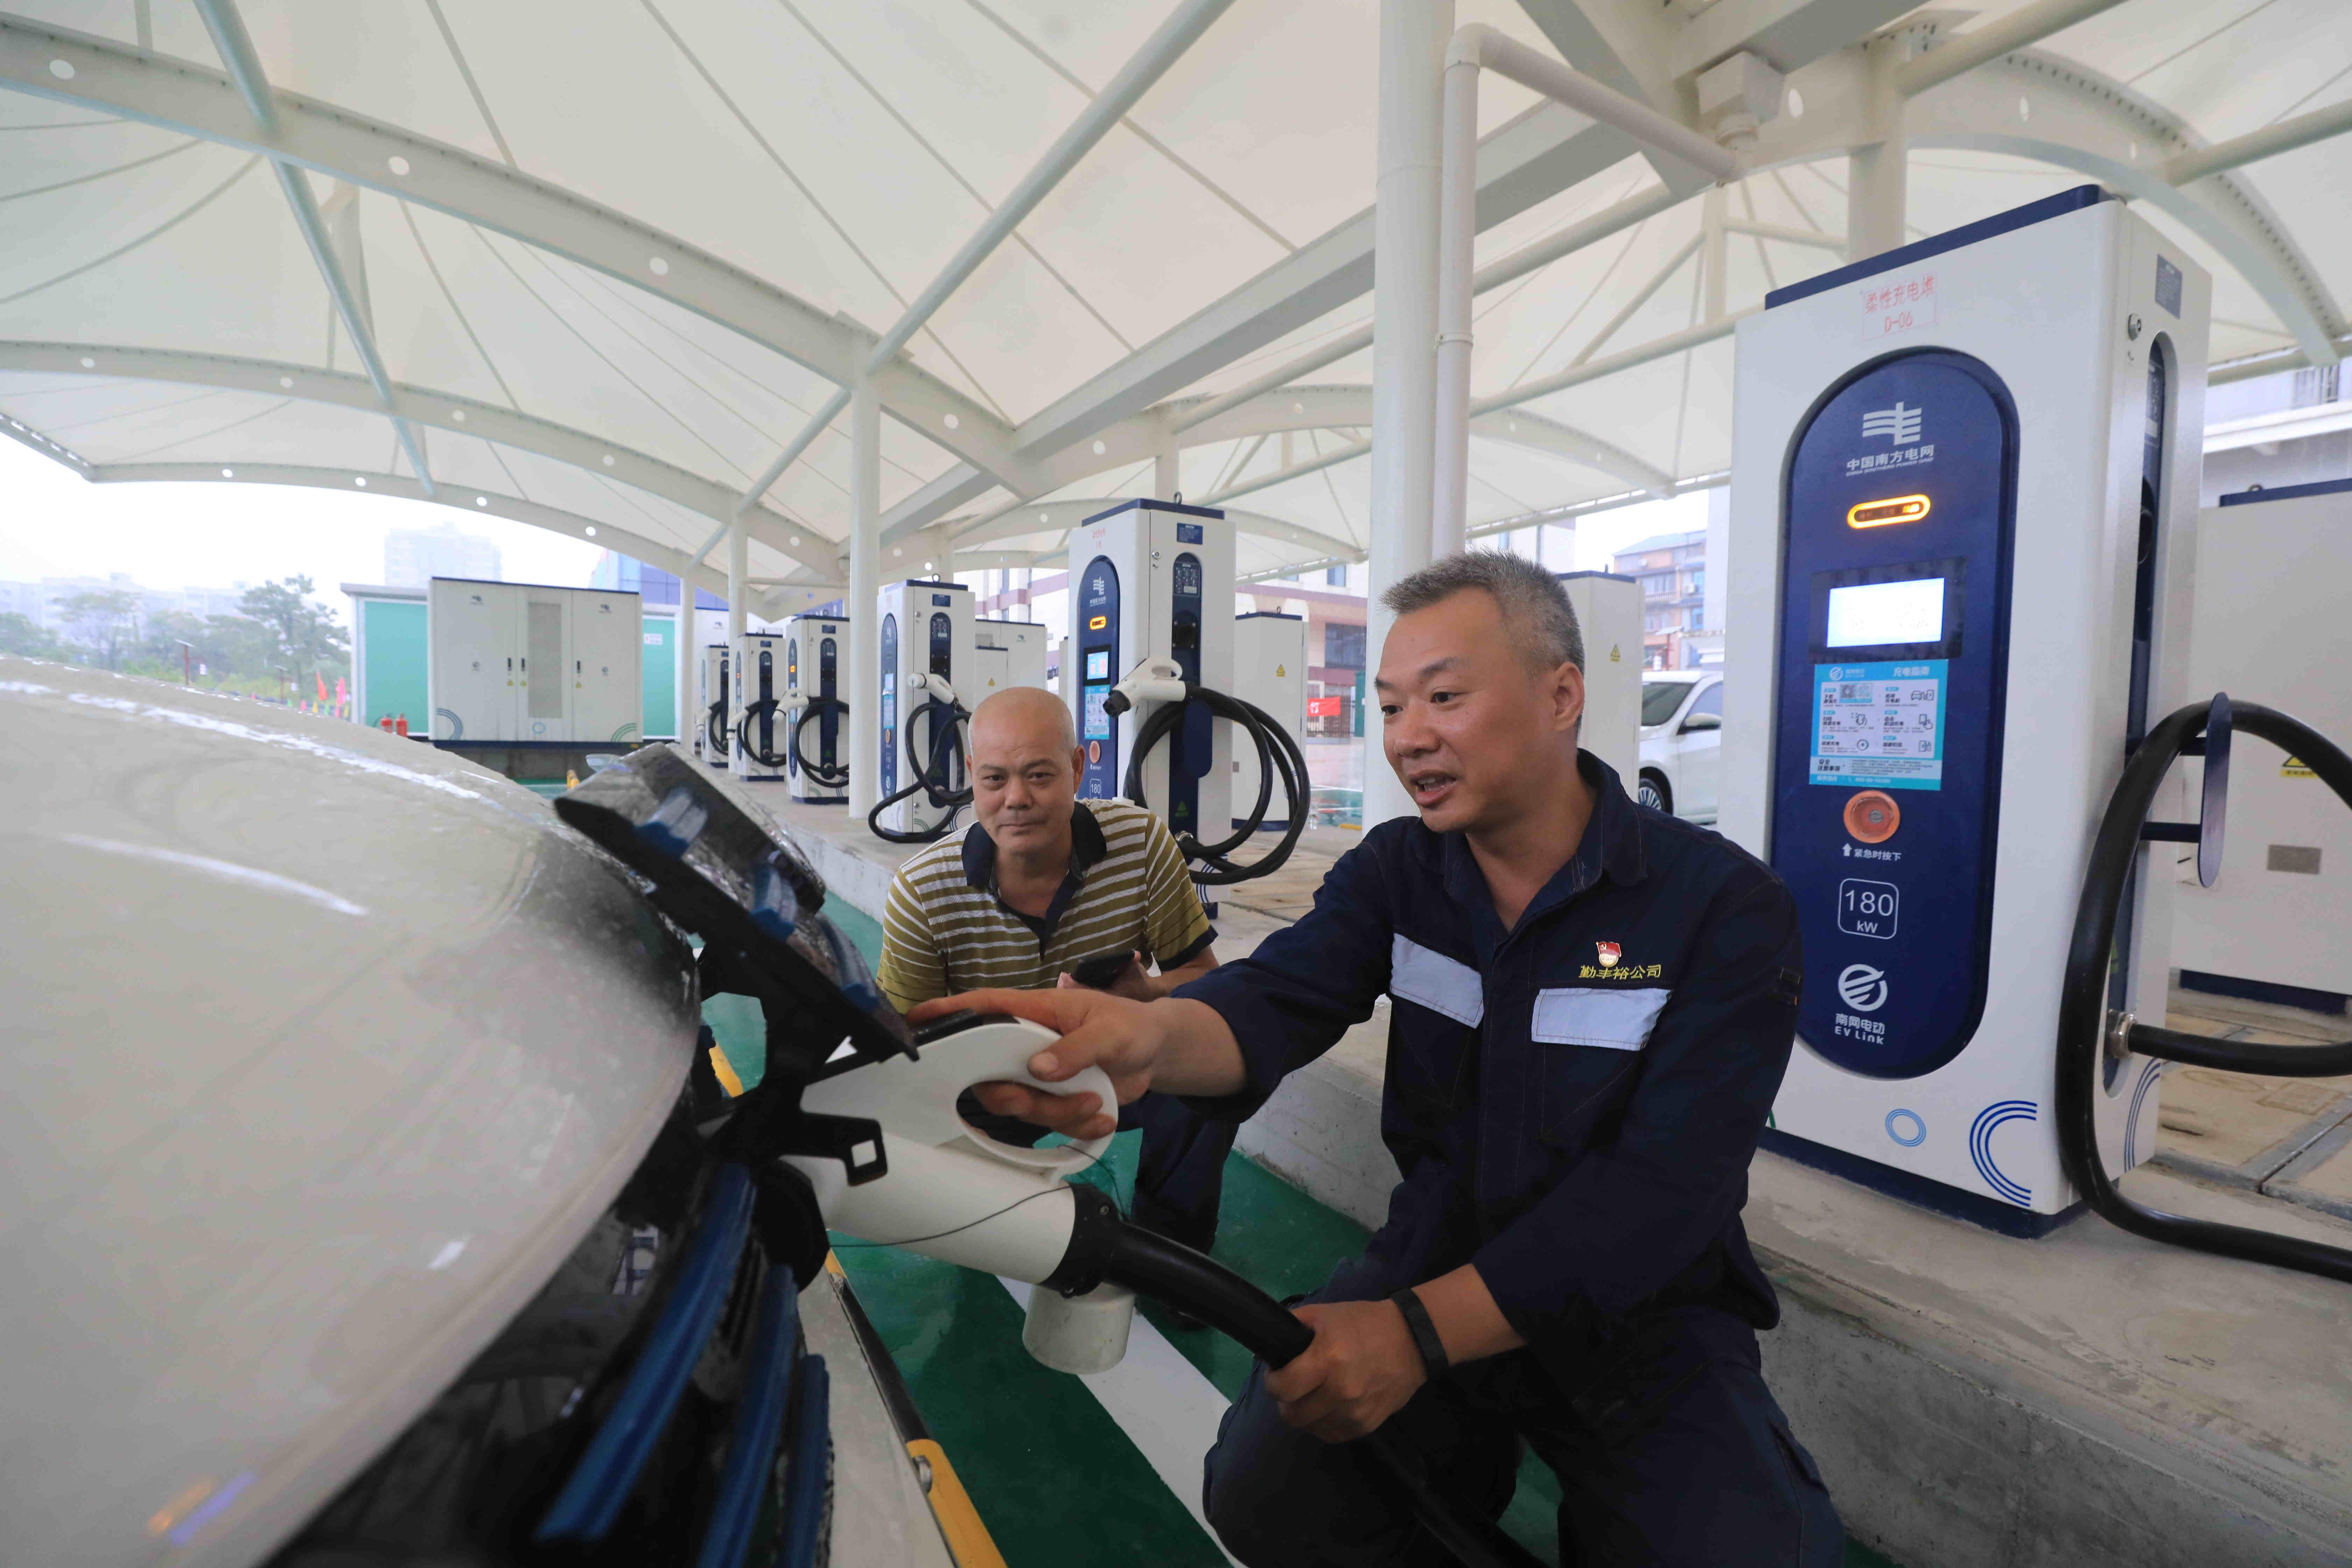 广西第一座县域综合能源服务站投入使用,总投资2201万元